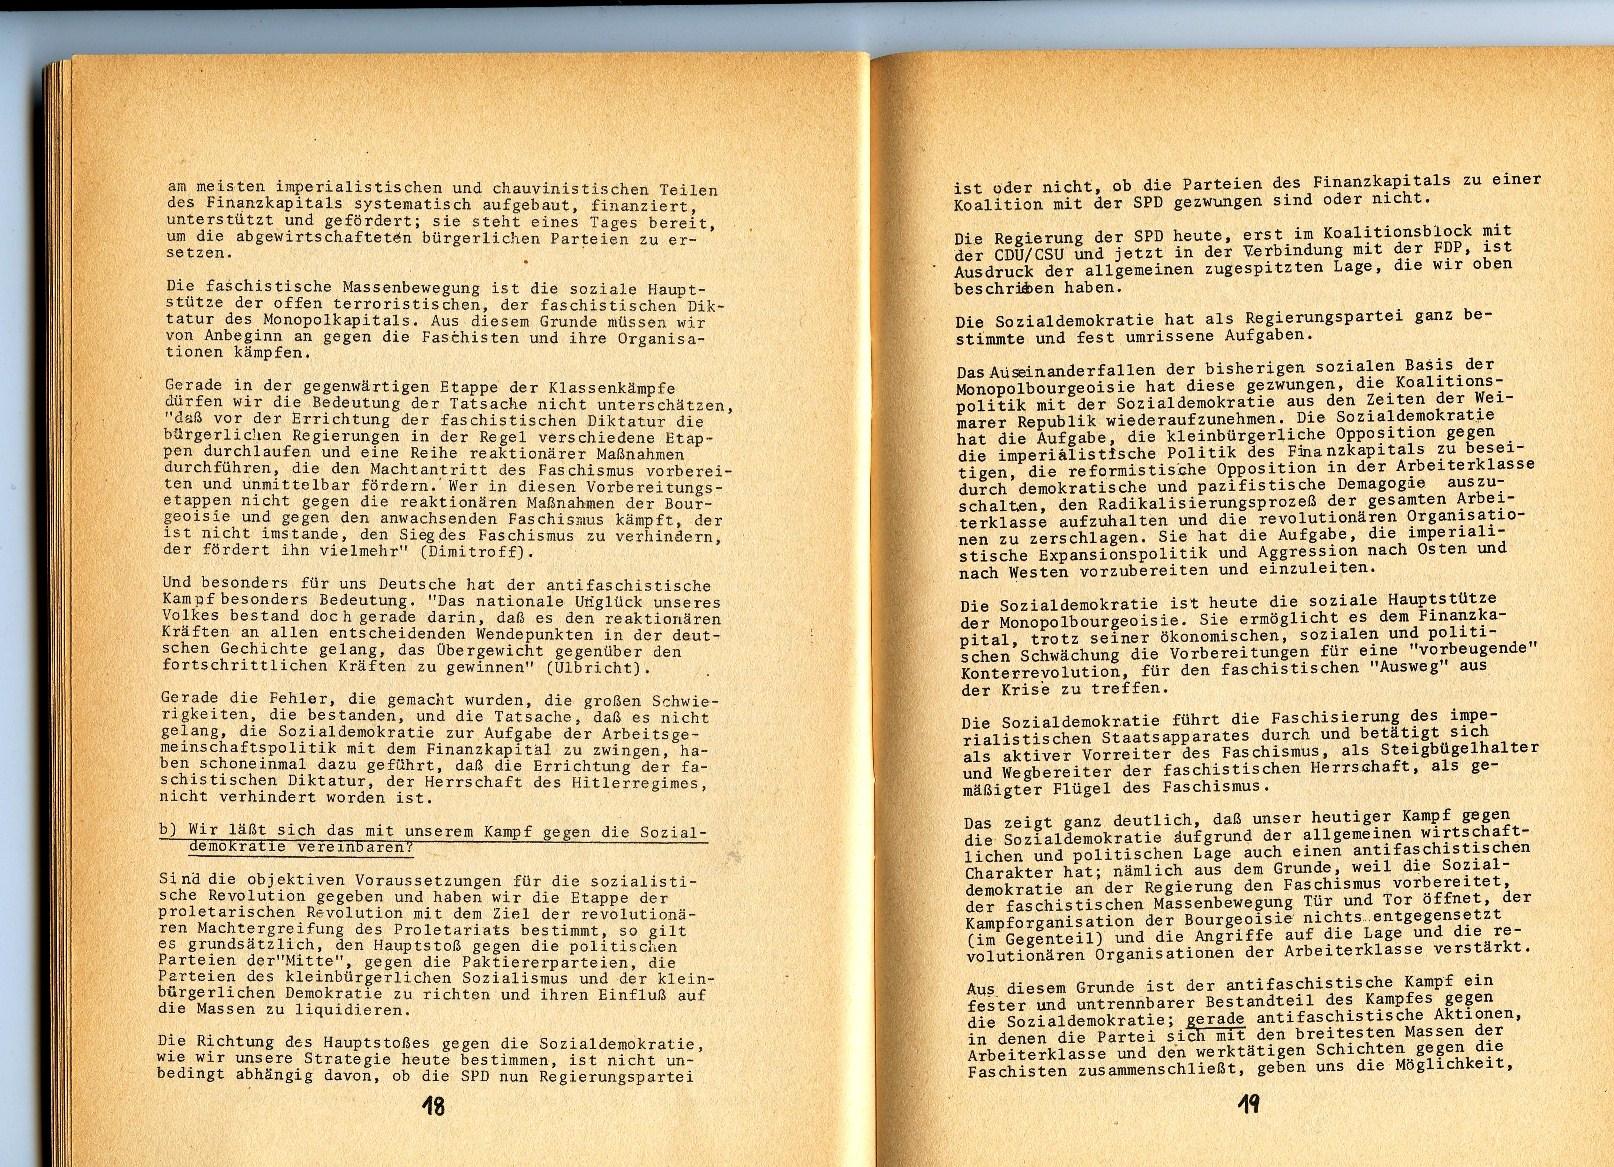 ZB_Parteiarbeiter_1971_Sondernummer_11